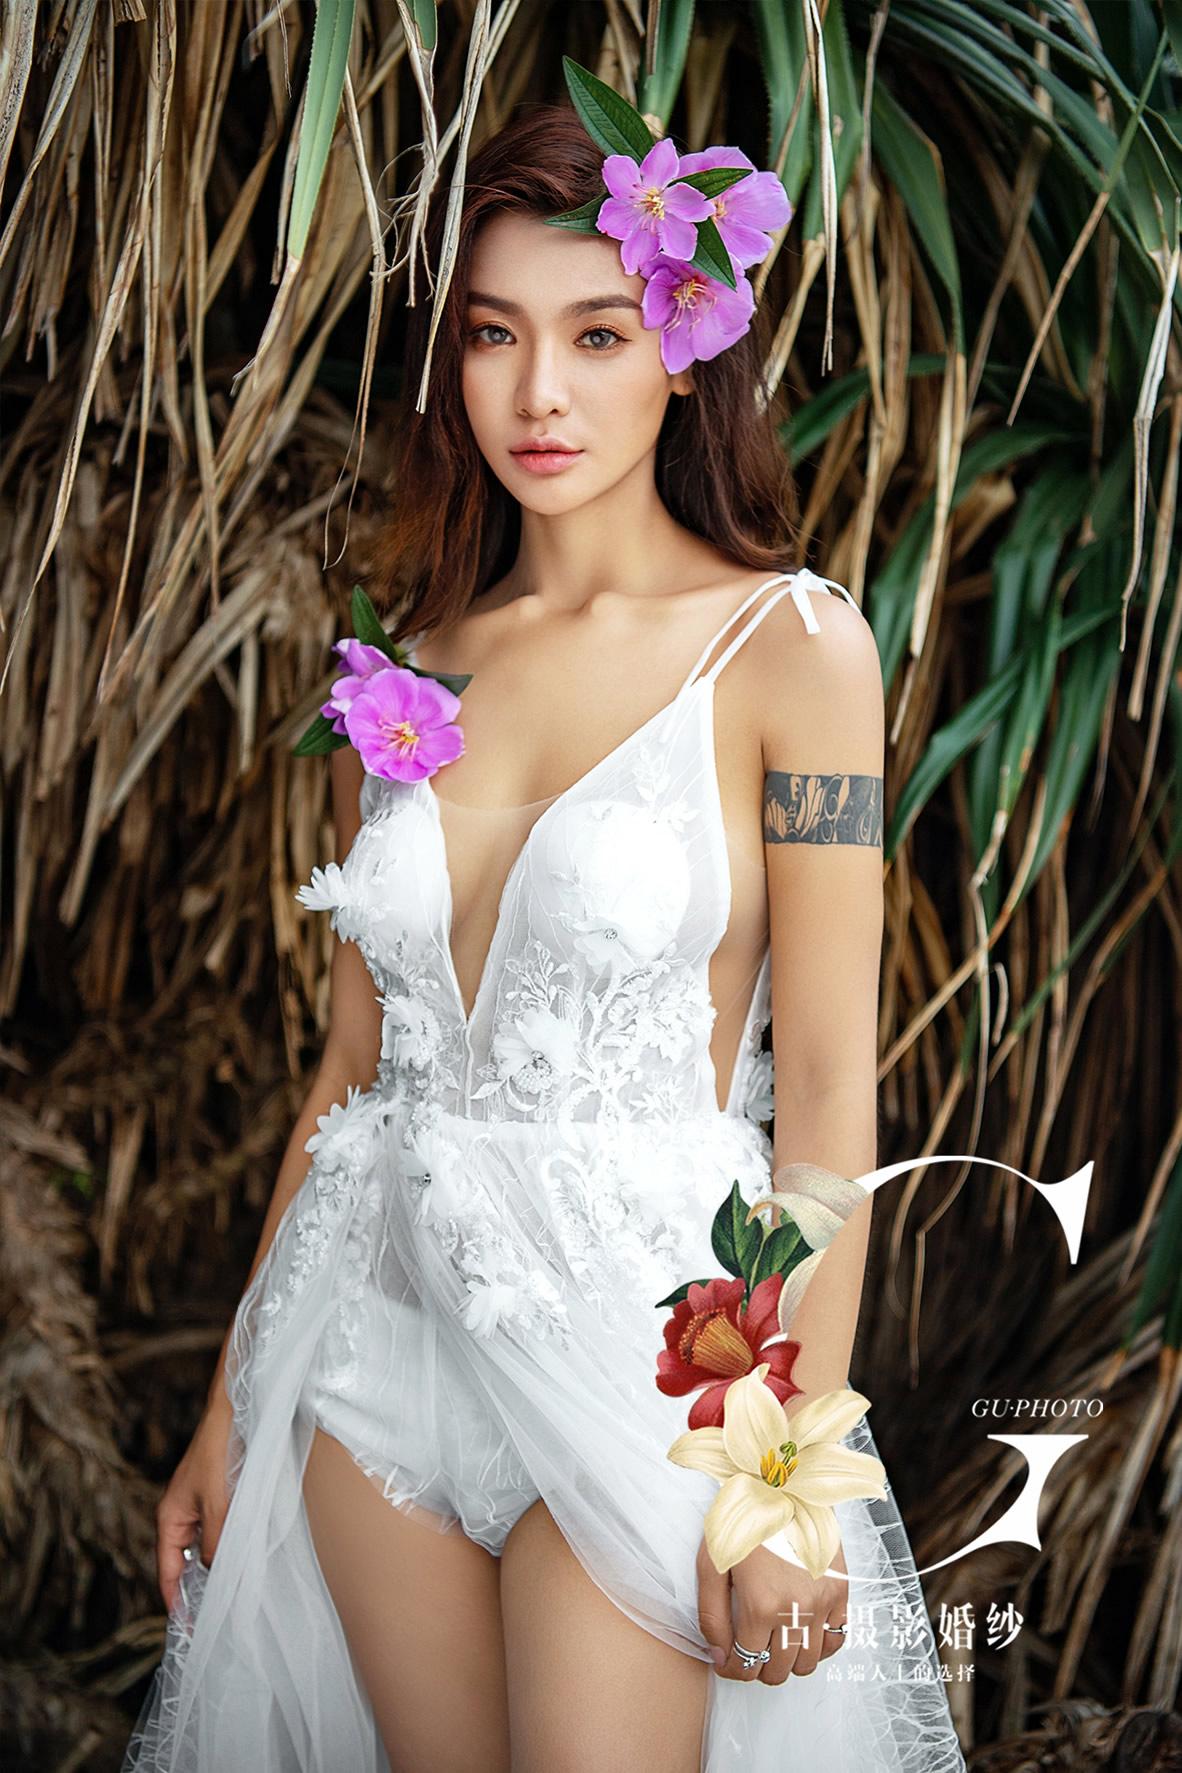 上川岛《爱情湾》 - 拍摄地 - 广州婚纱摄影-广州古摄影官网